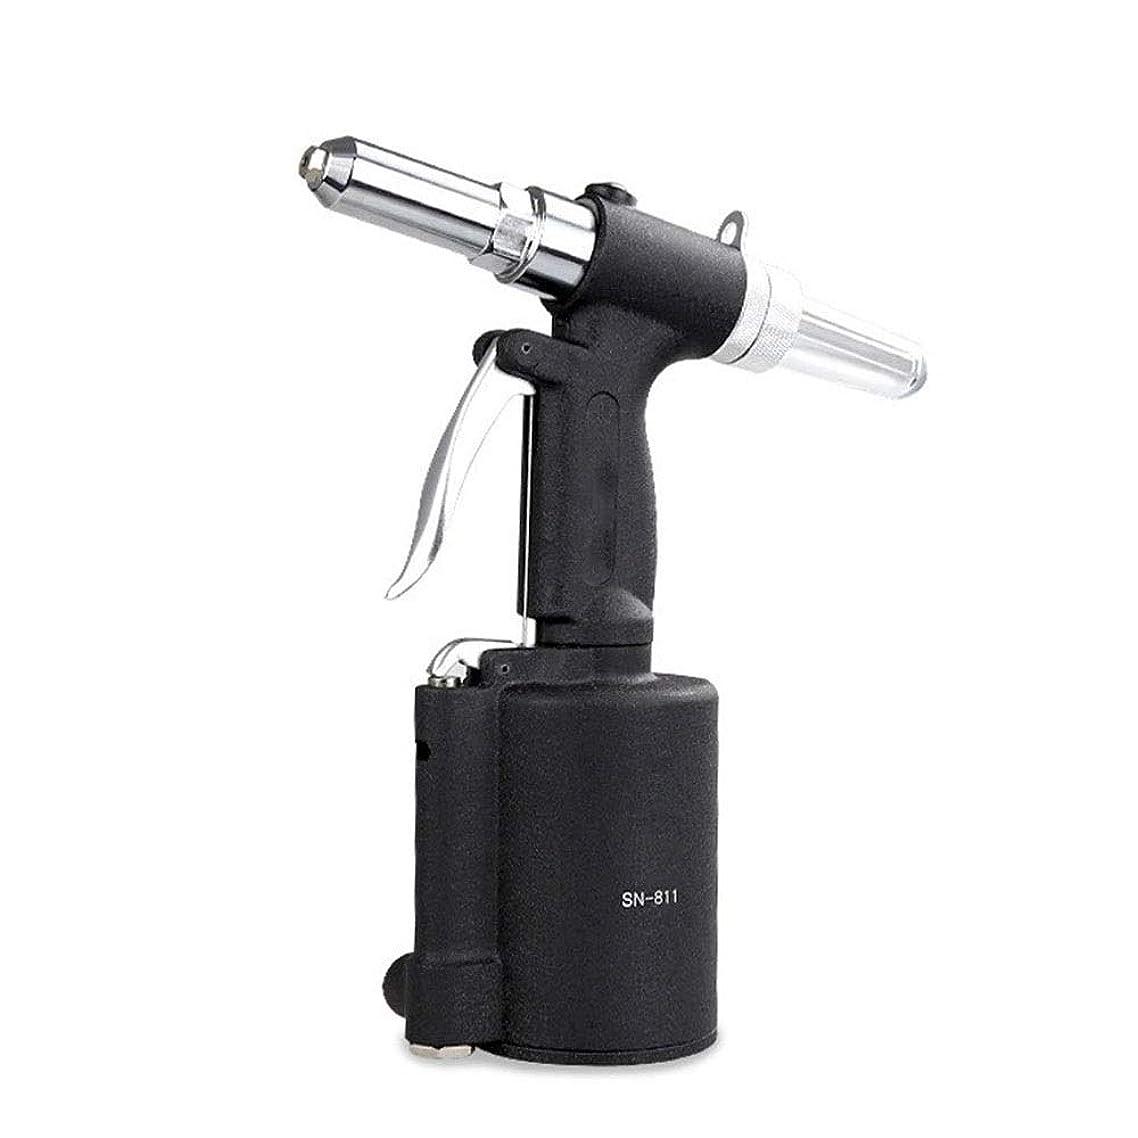 ディレクトリ香ばしい議題エアツール ハンドツール 空気圧式リベットガン、空気圧式ブラインドリベットガン、省力化産業グレードハンドツール エア工具 ポータブル